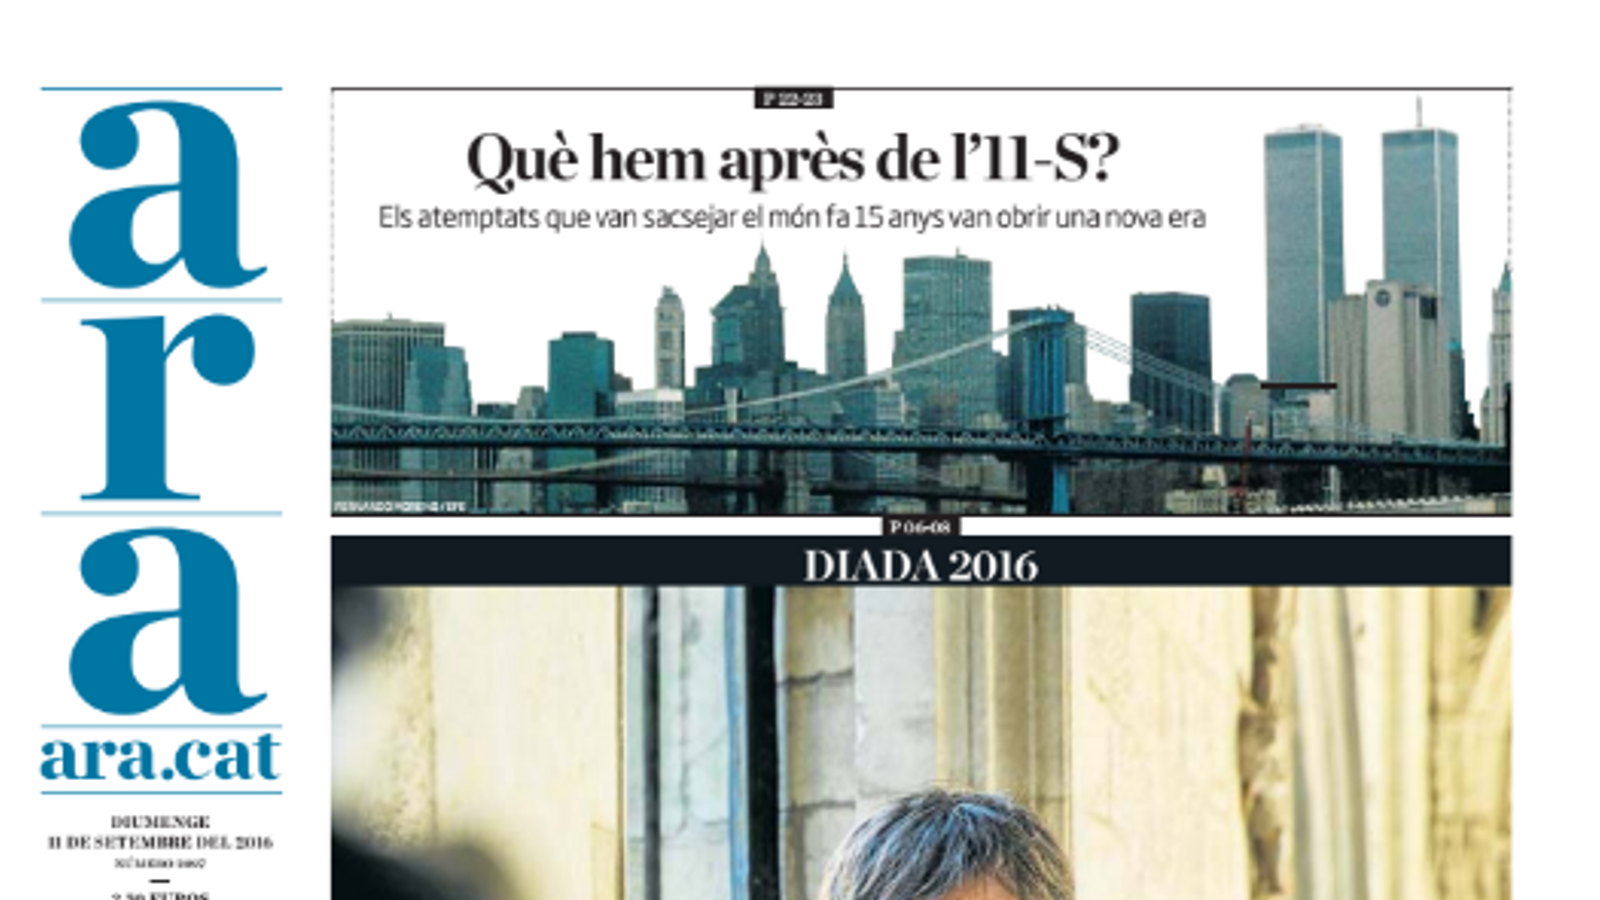 """""""Entrevista a Carles Puigdemont: 'Espanya és la que està bloquejada, no Catalunya'"""", portada de l'ARA d'aquest diumenge"""